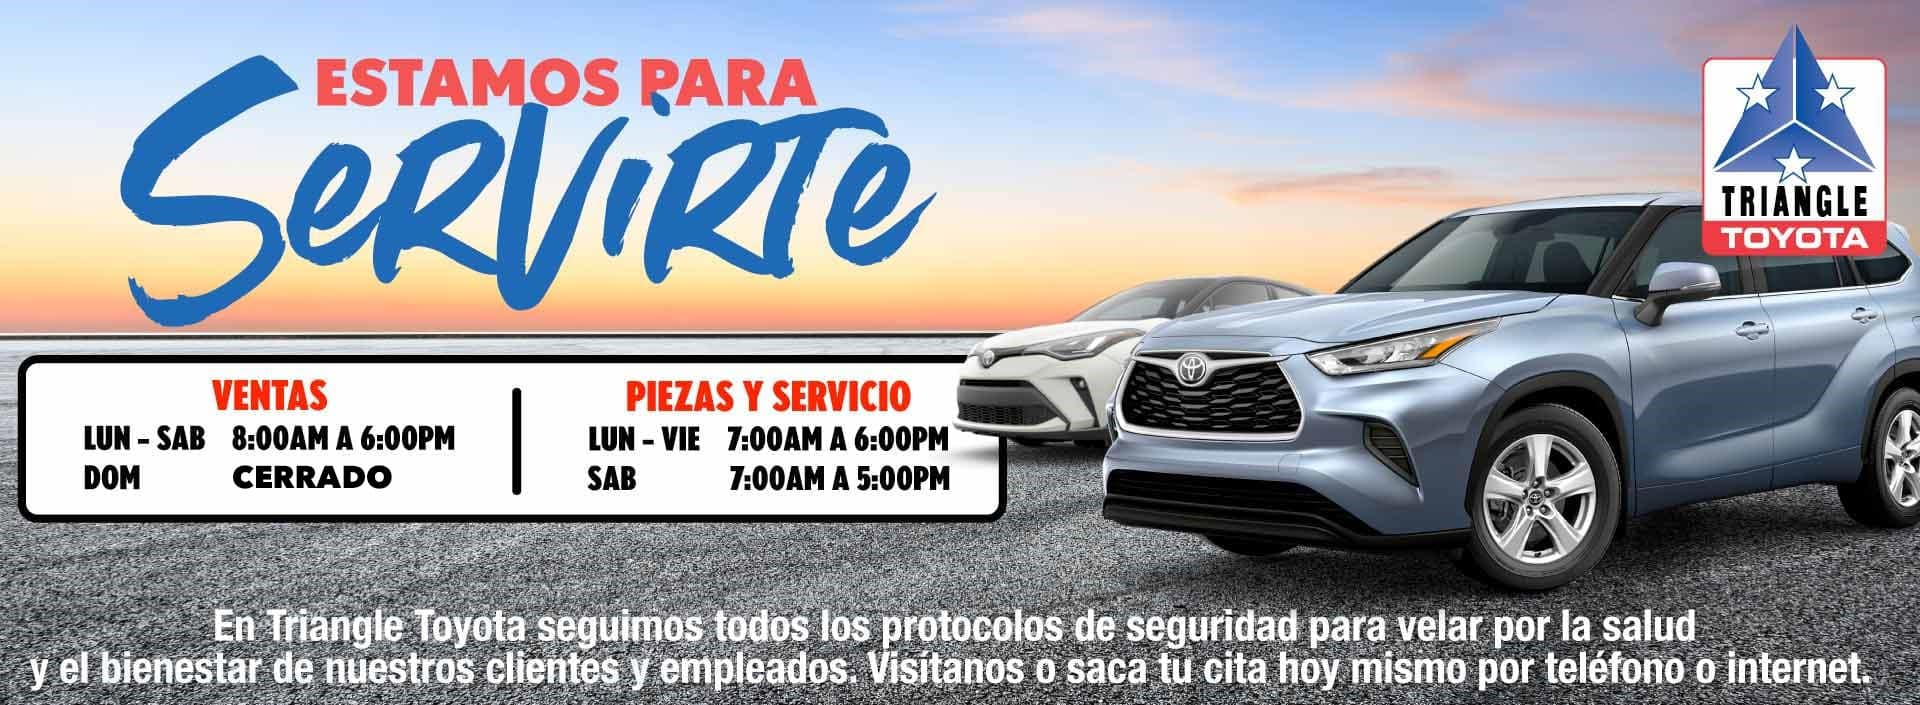 T.Toyota_Estamos-para-Servirte1920X705 (1)